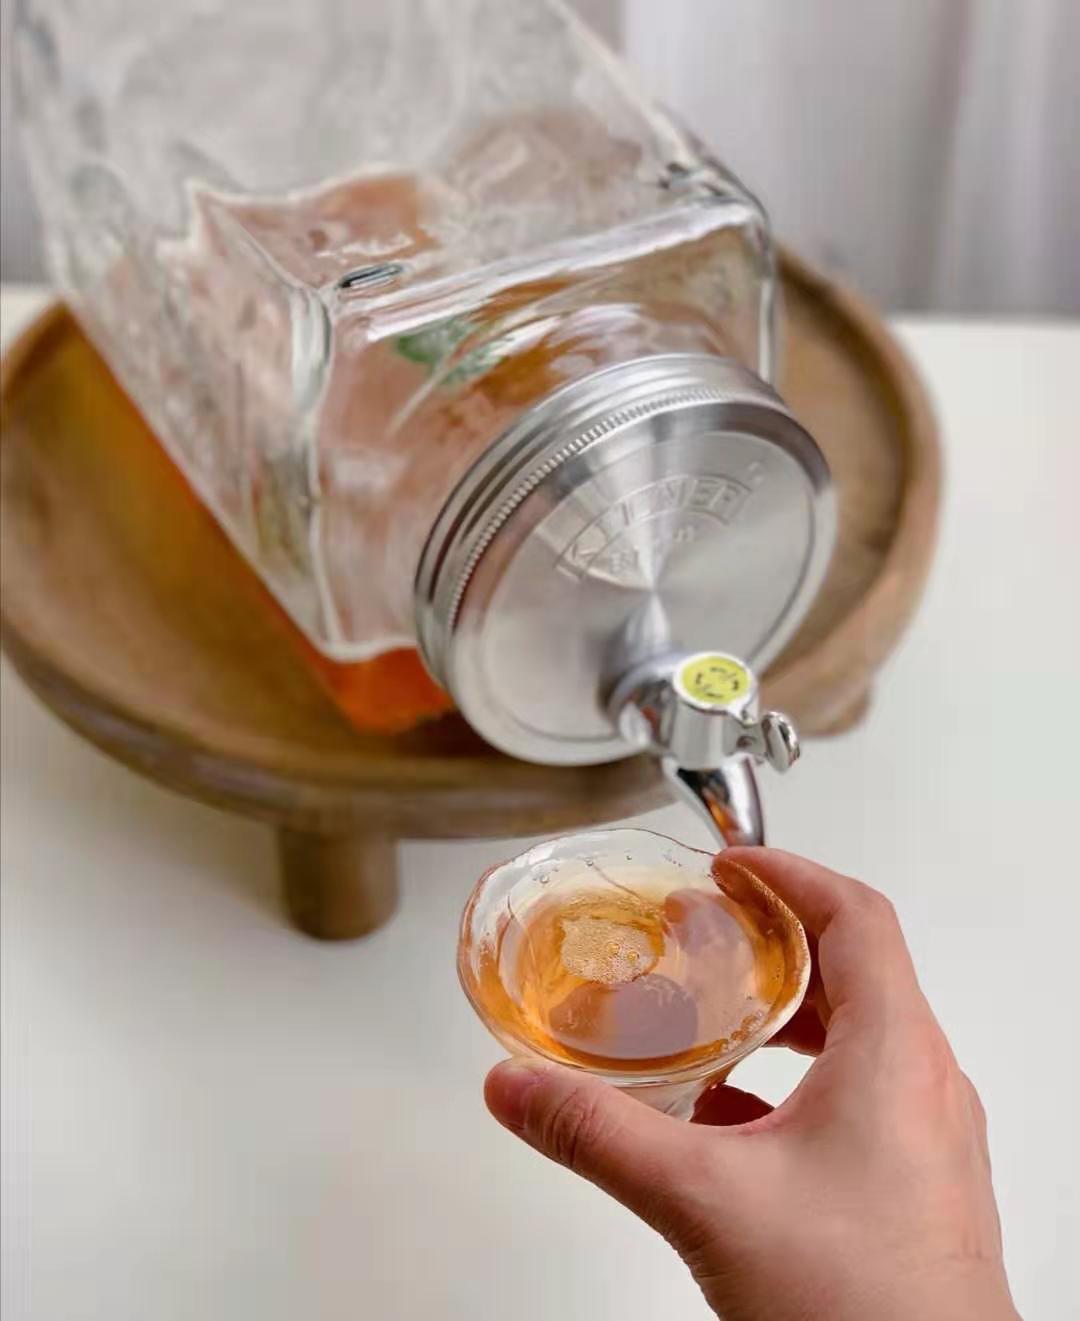 好物推薦!方便隨時飲杯冰涼水果茶